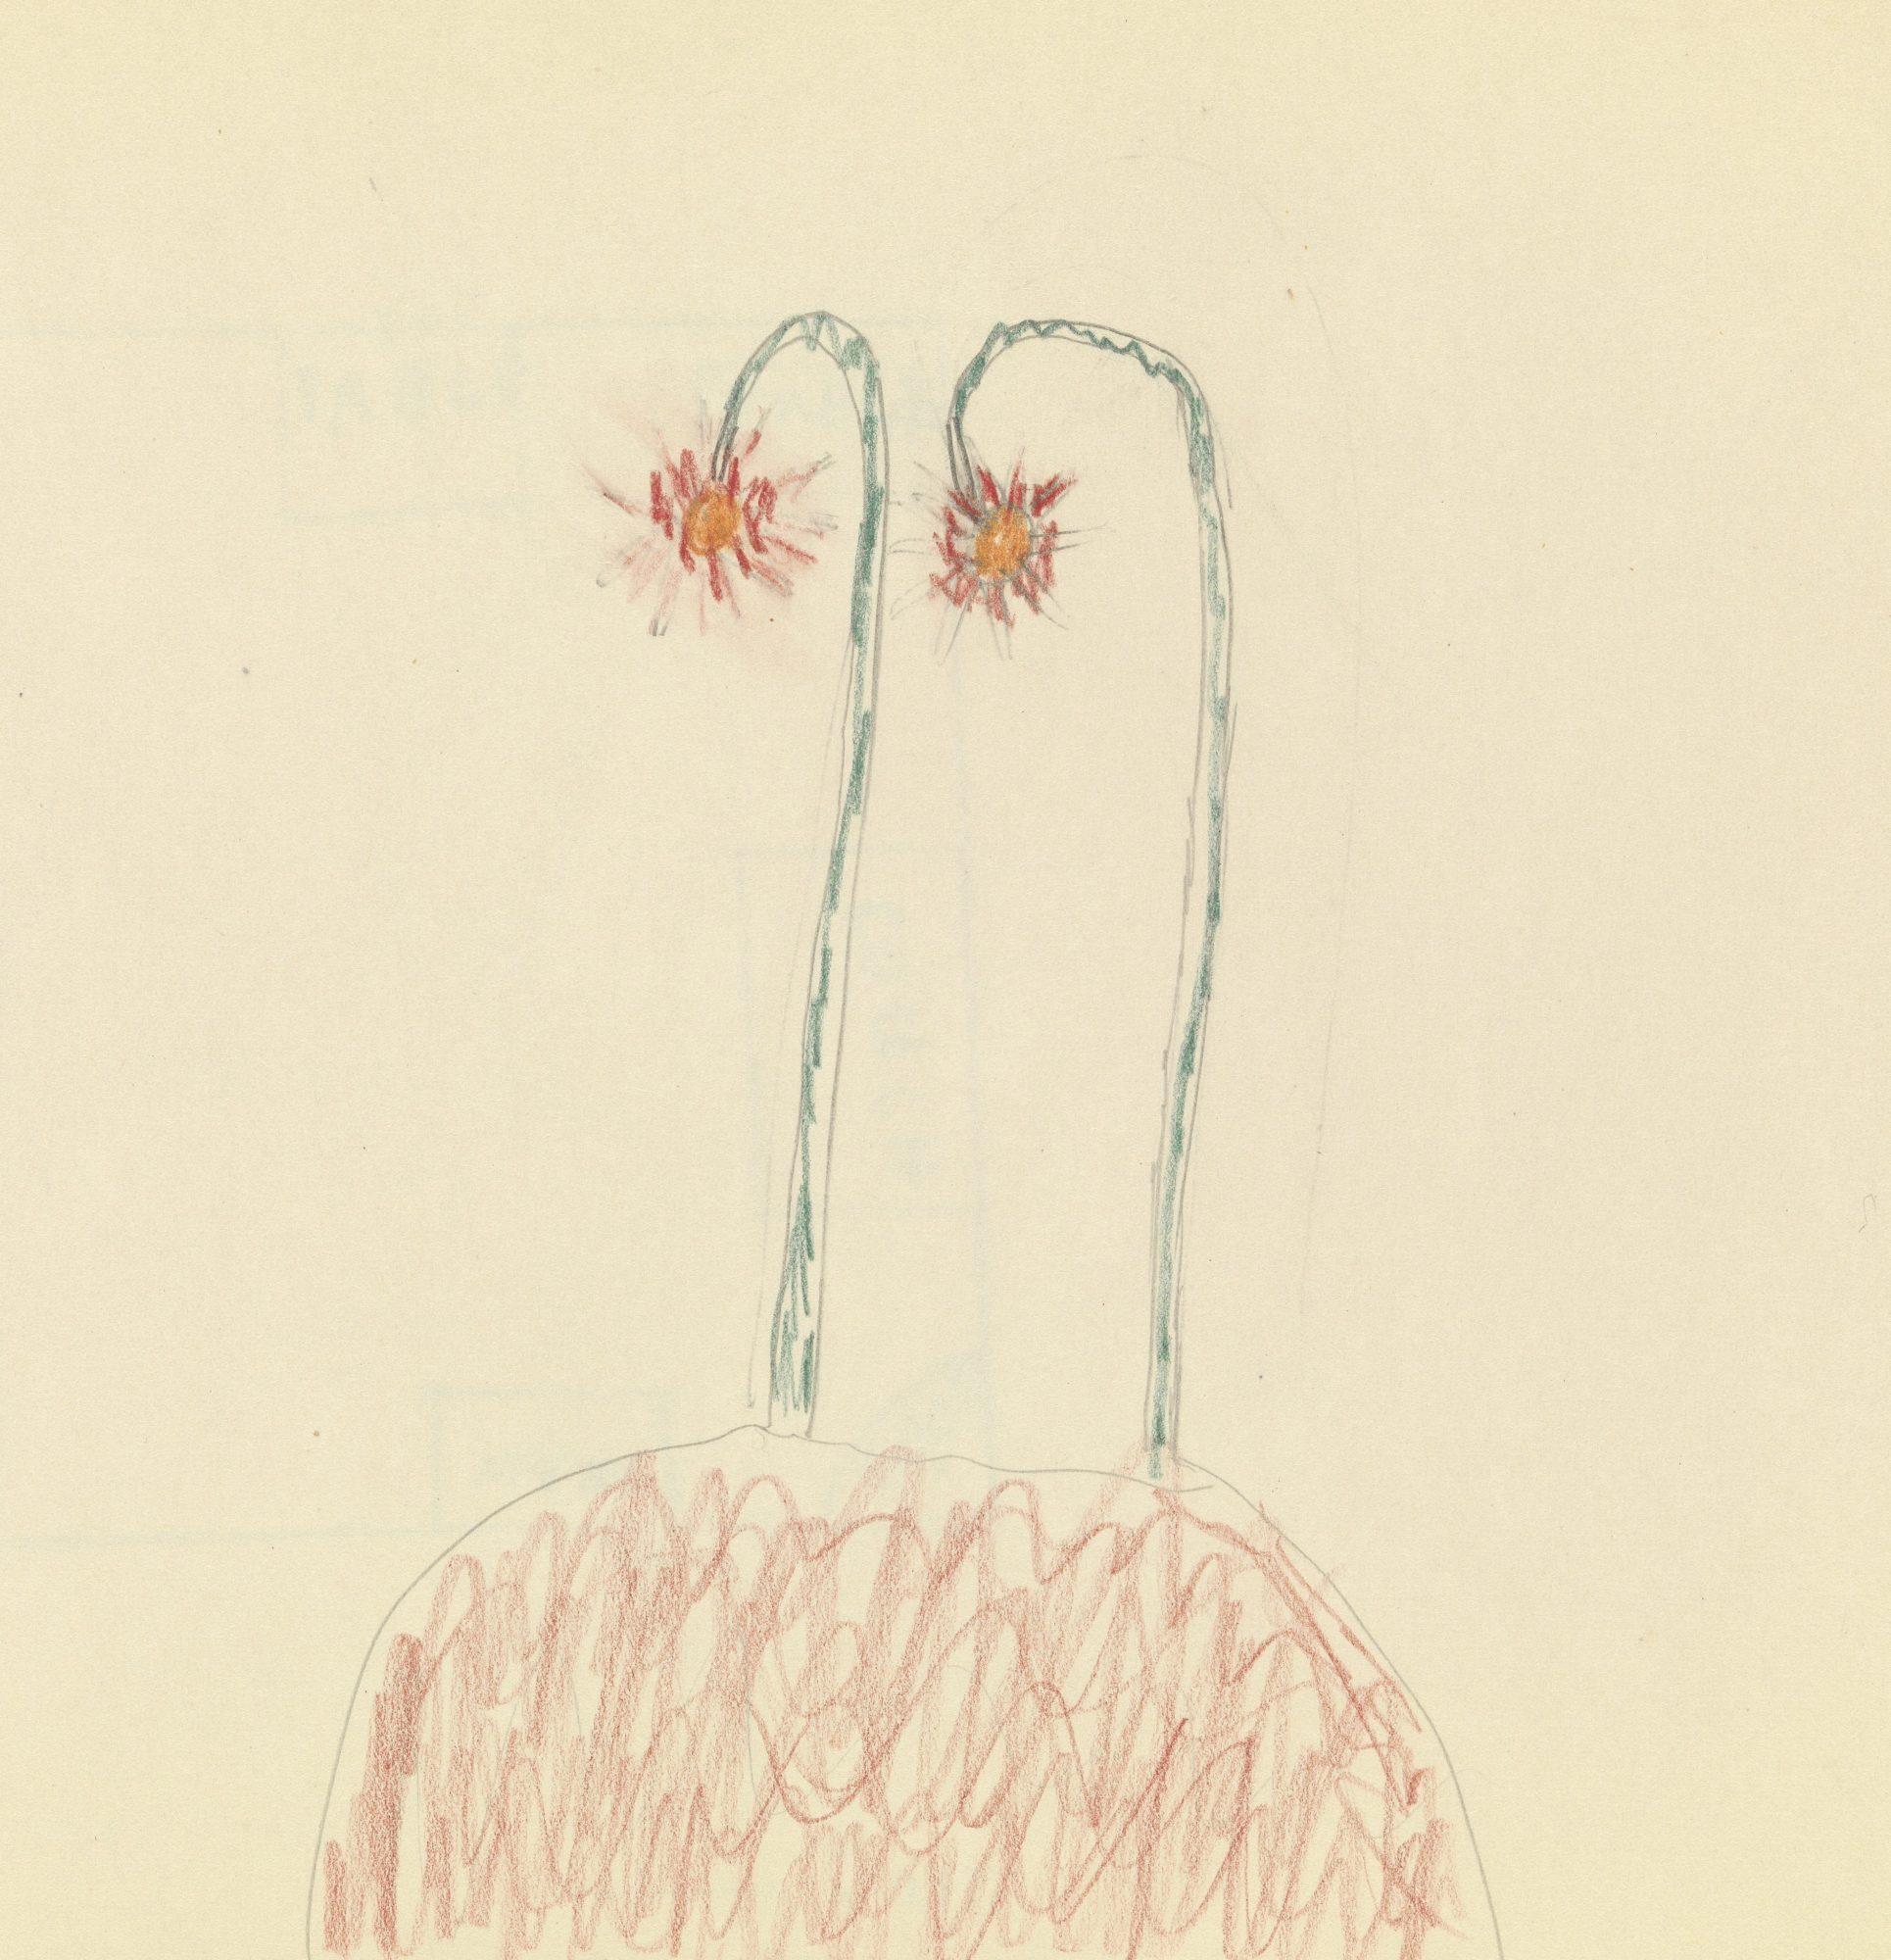 Рисунок цветными карандашами одного из детей — пациентов Кляйн